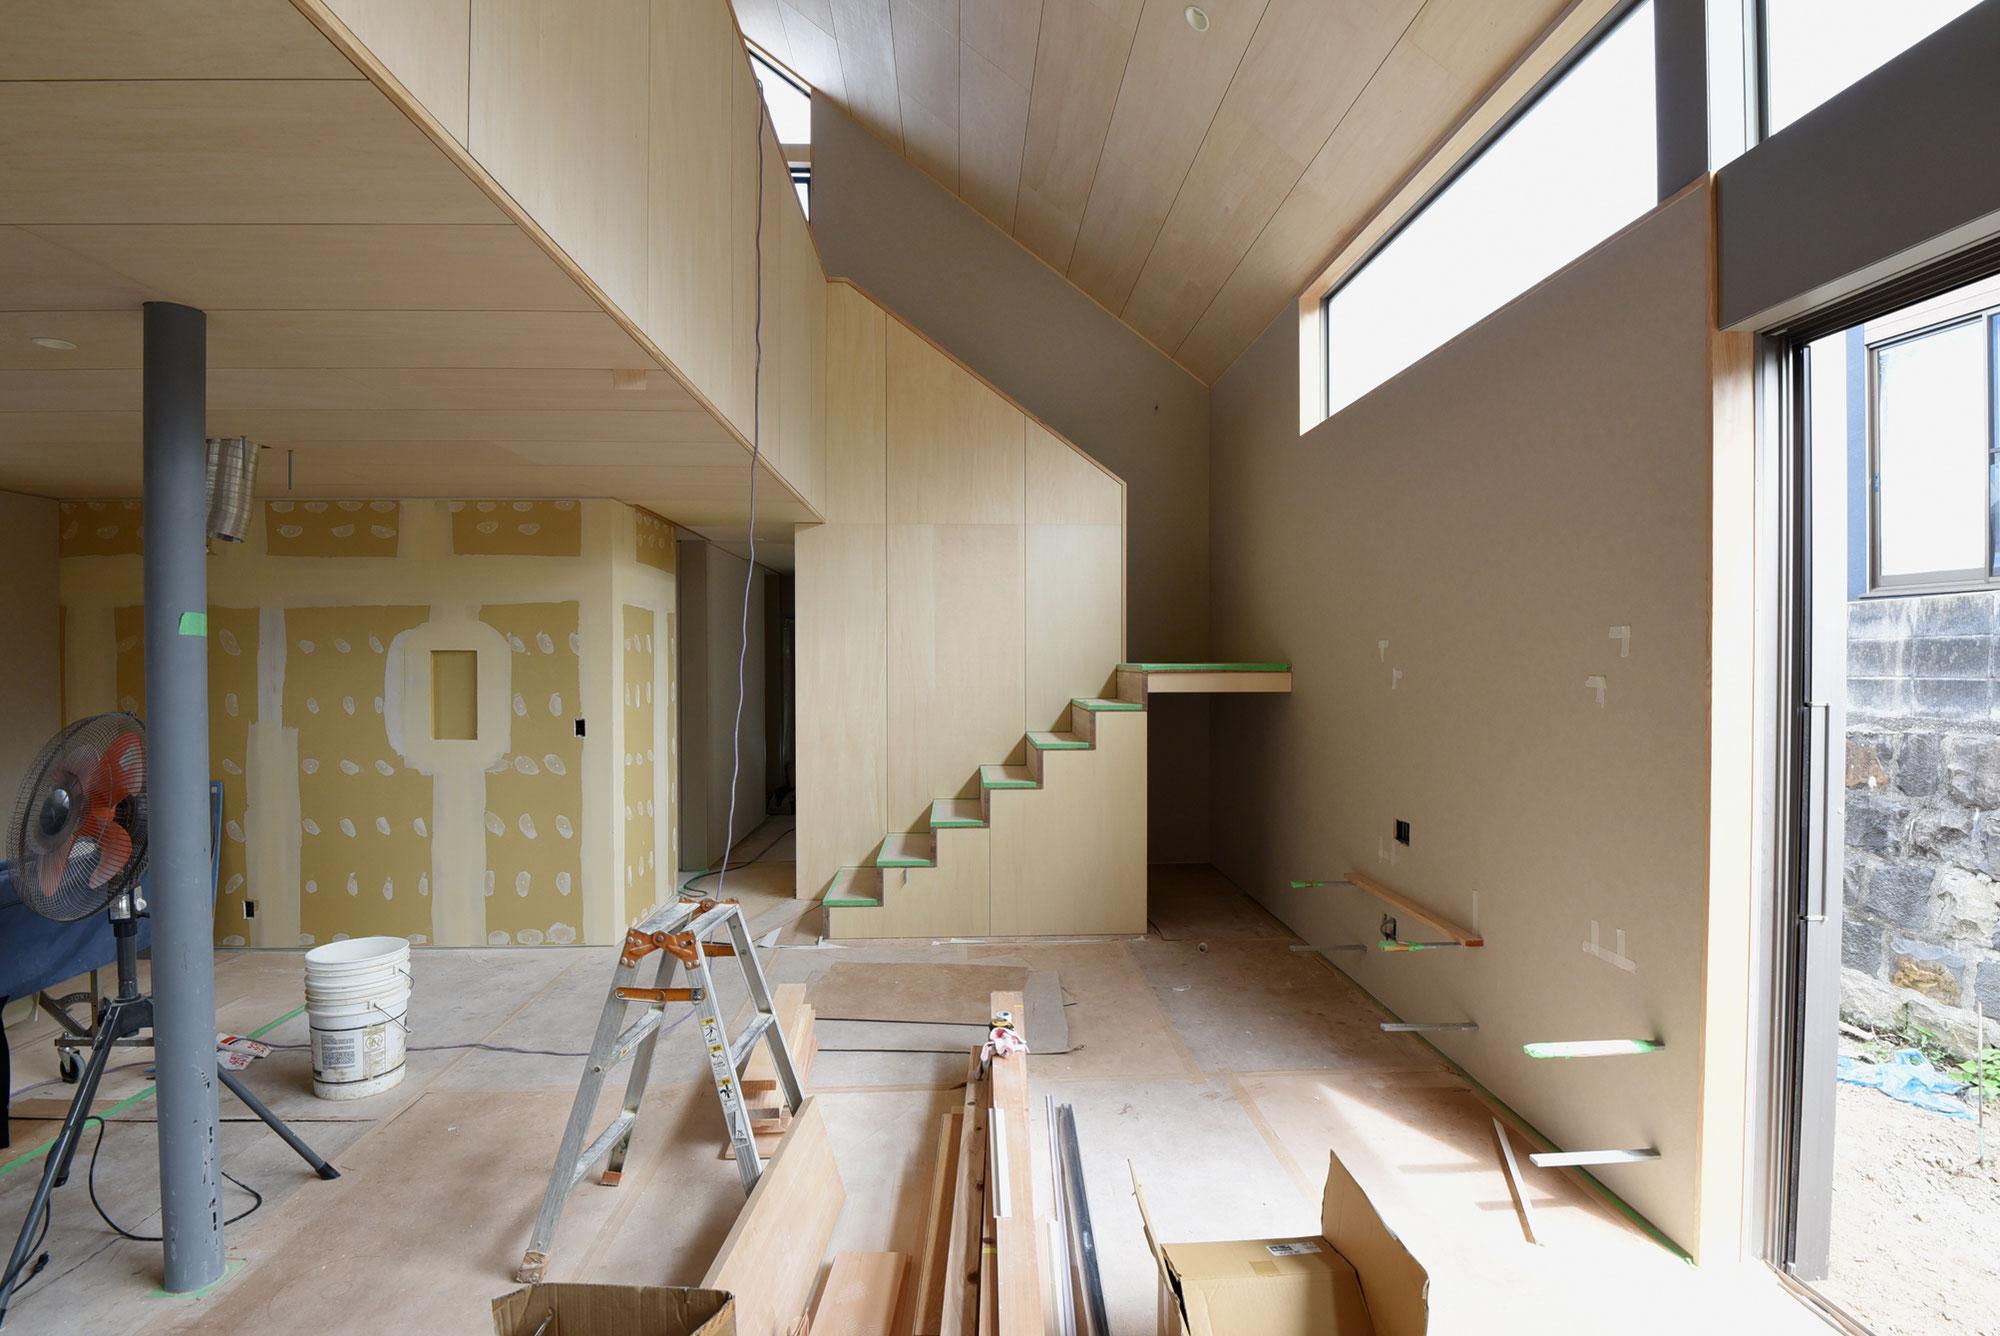 清水本町の家 内装工事